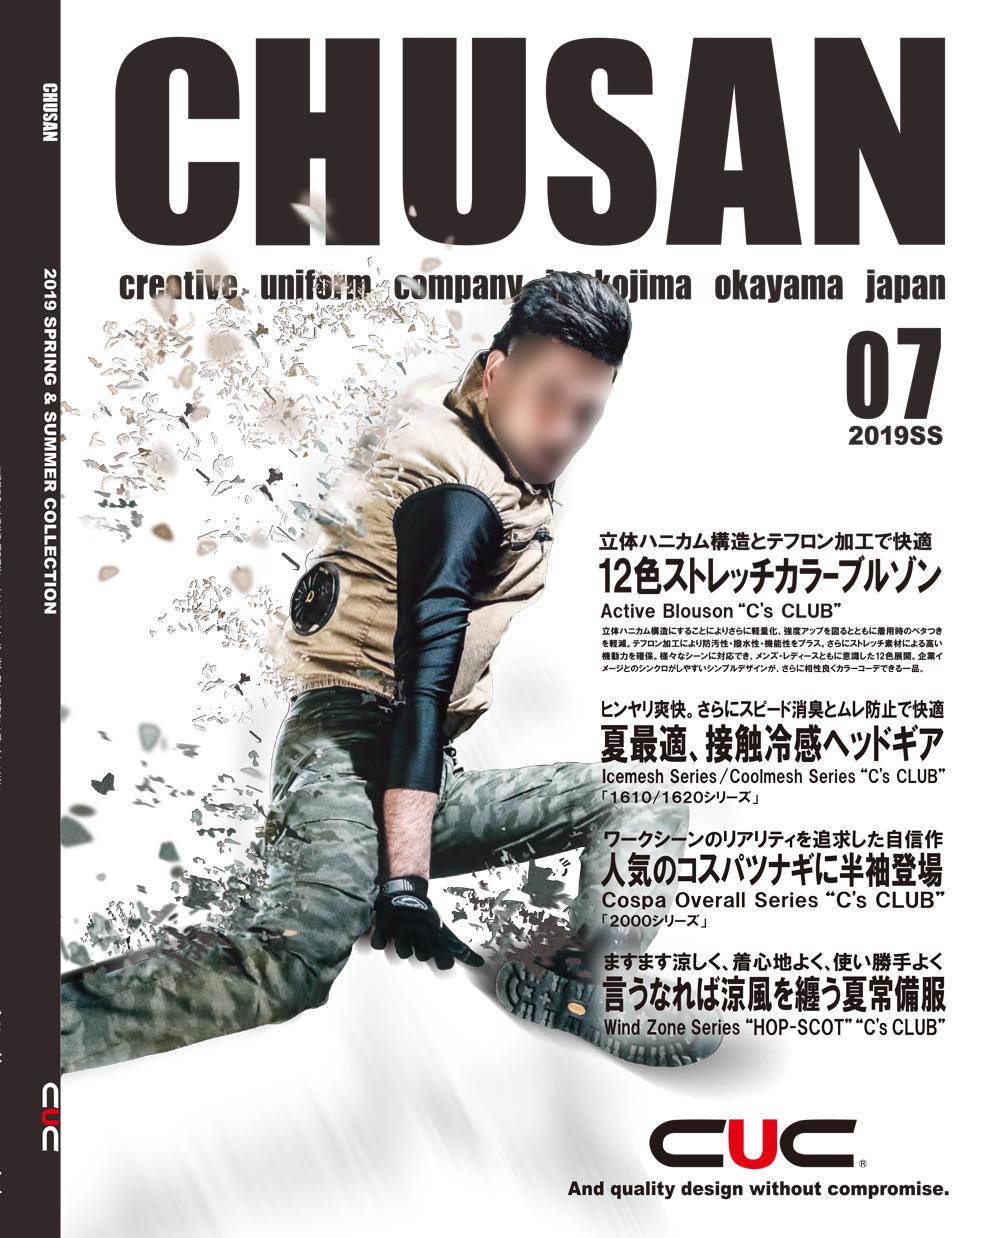 CHUSAN 2019年春夏カタログ